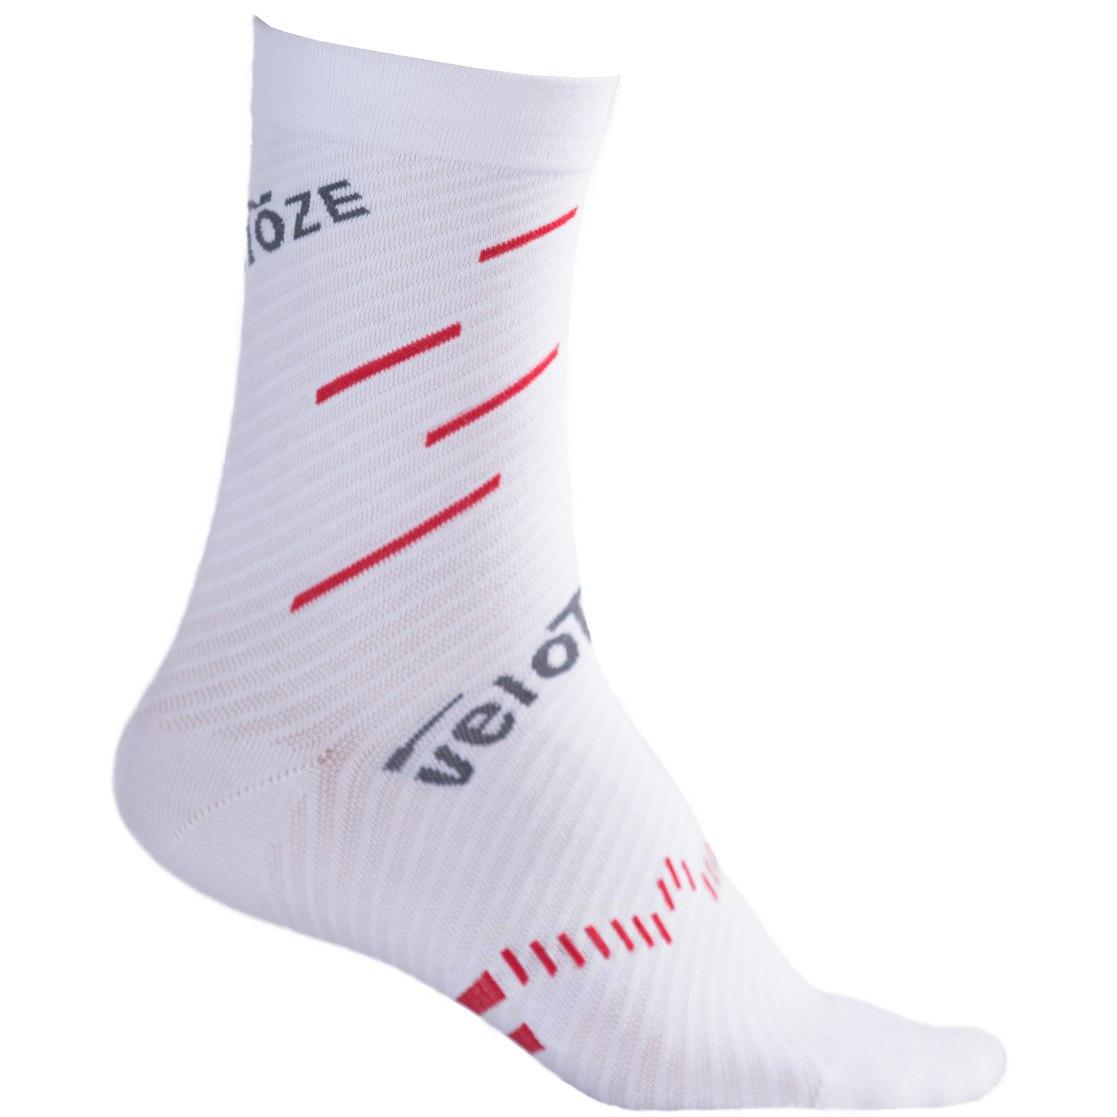 veloToze Coolmax Socks - White/Red